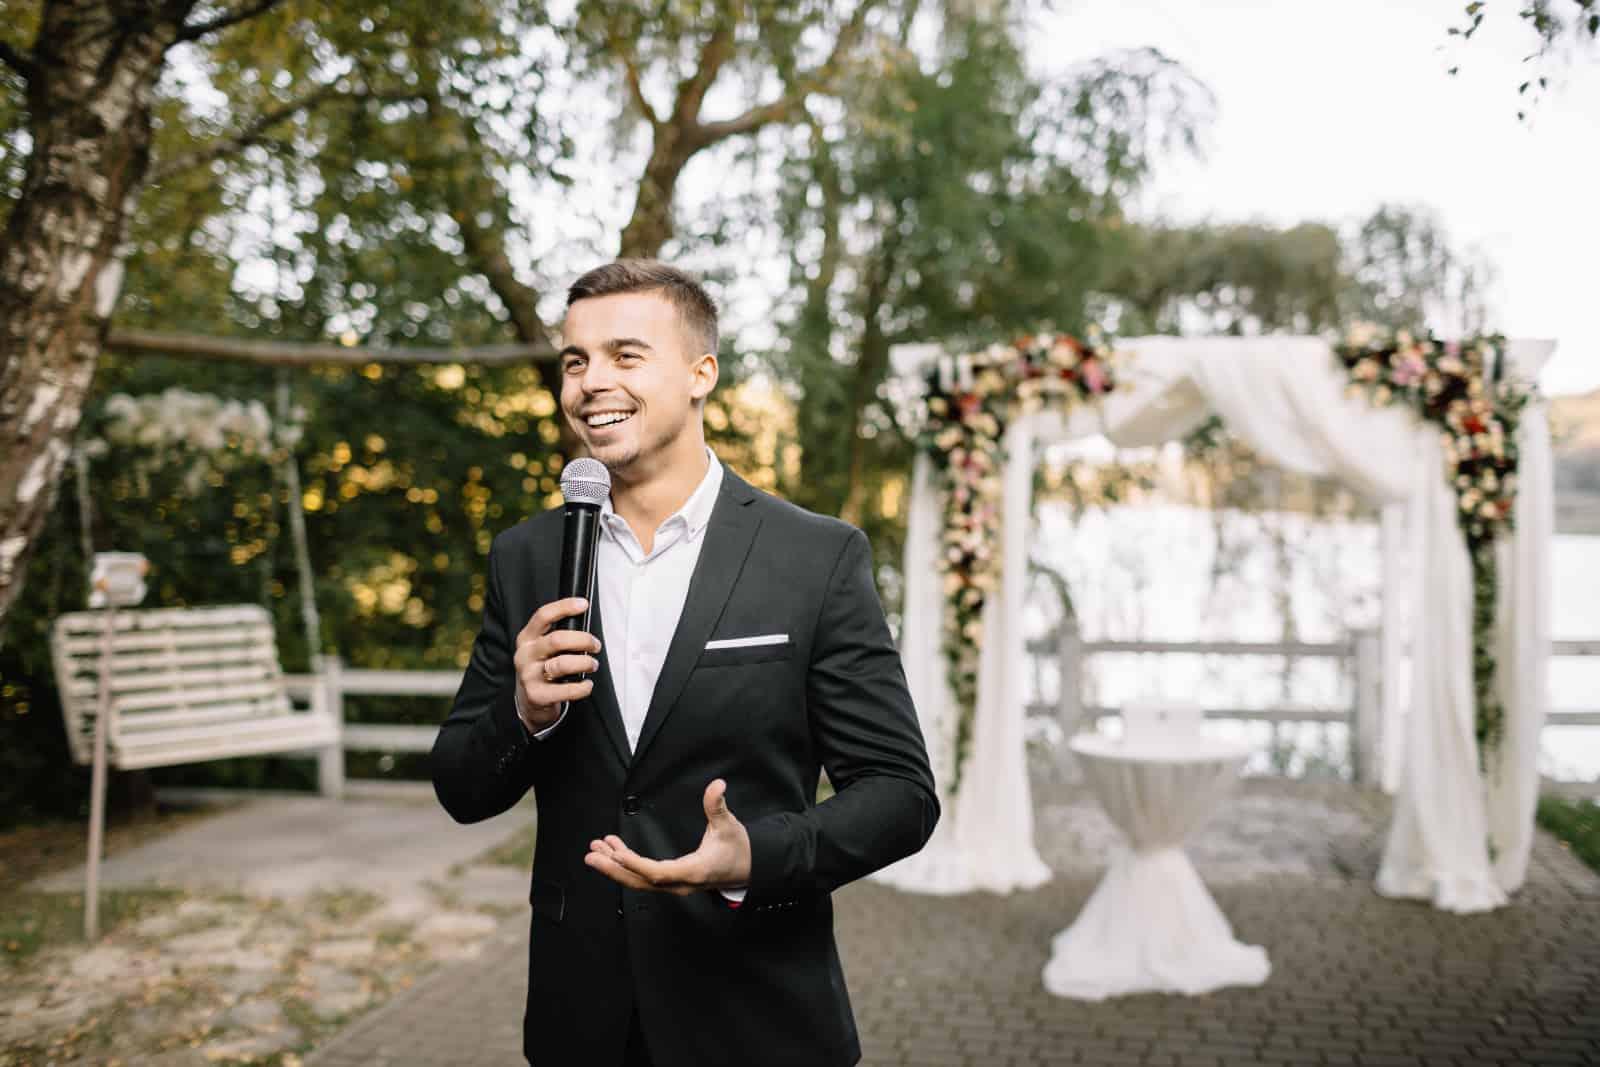 Der Bräutigam hält eine Rede